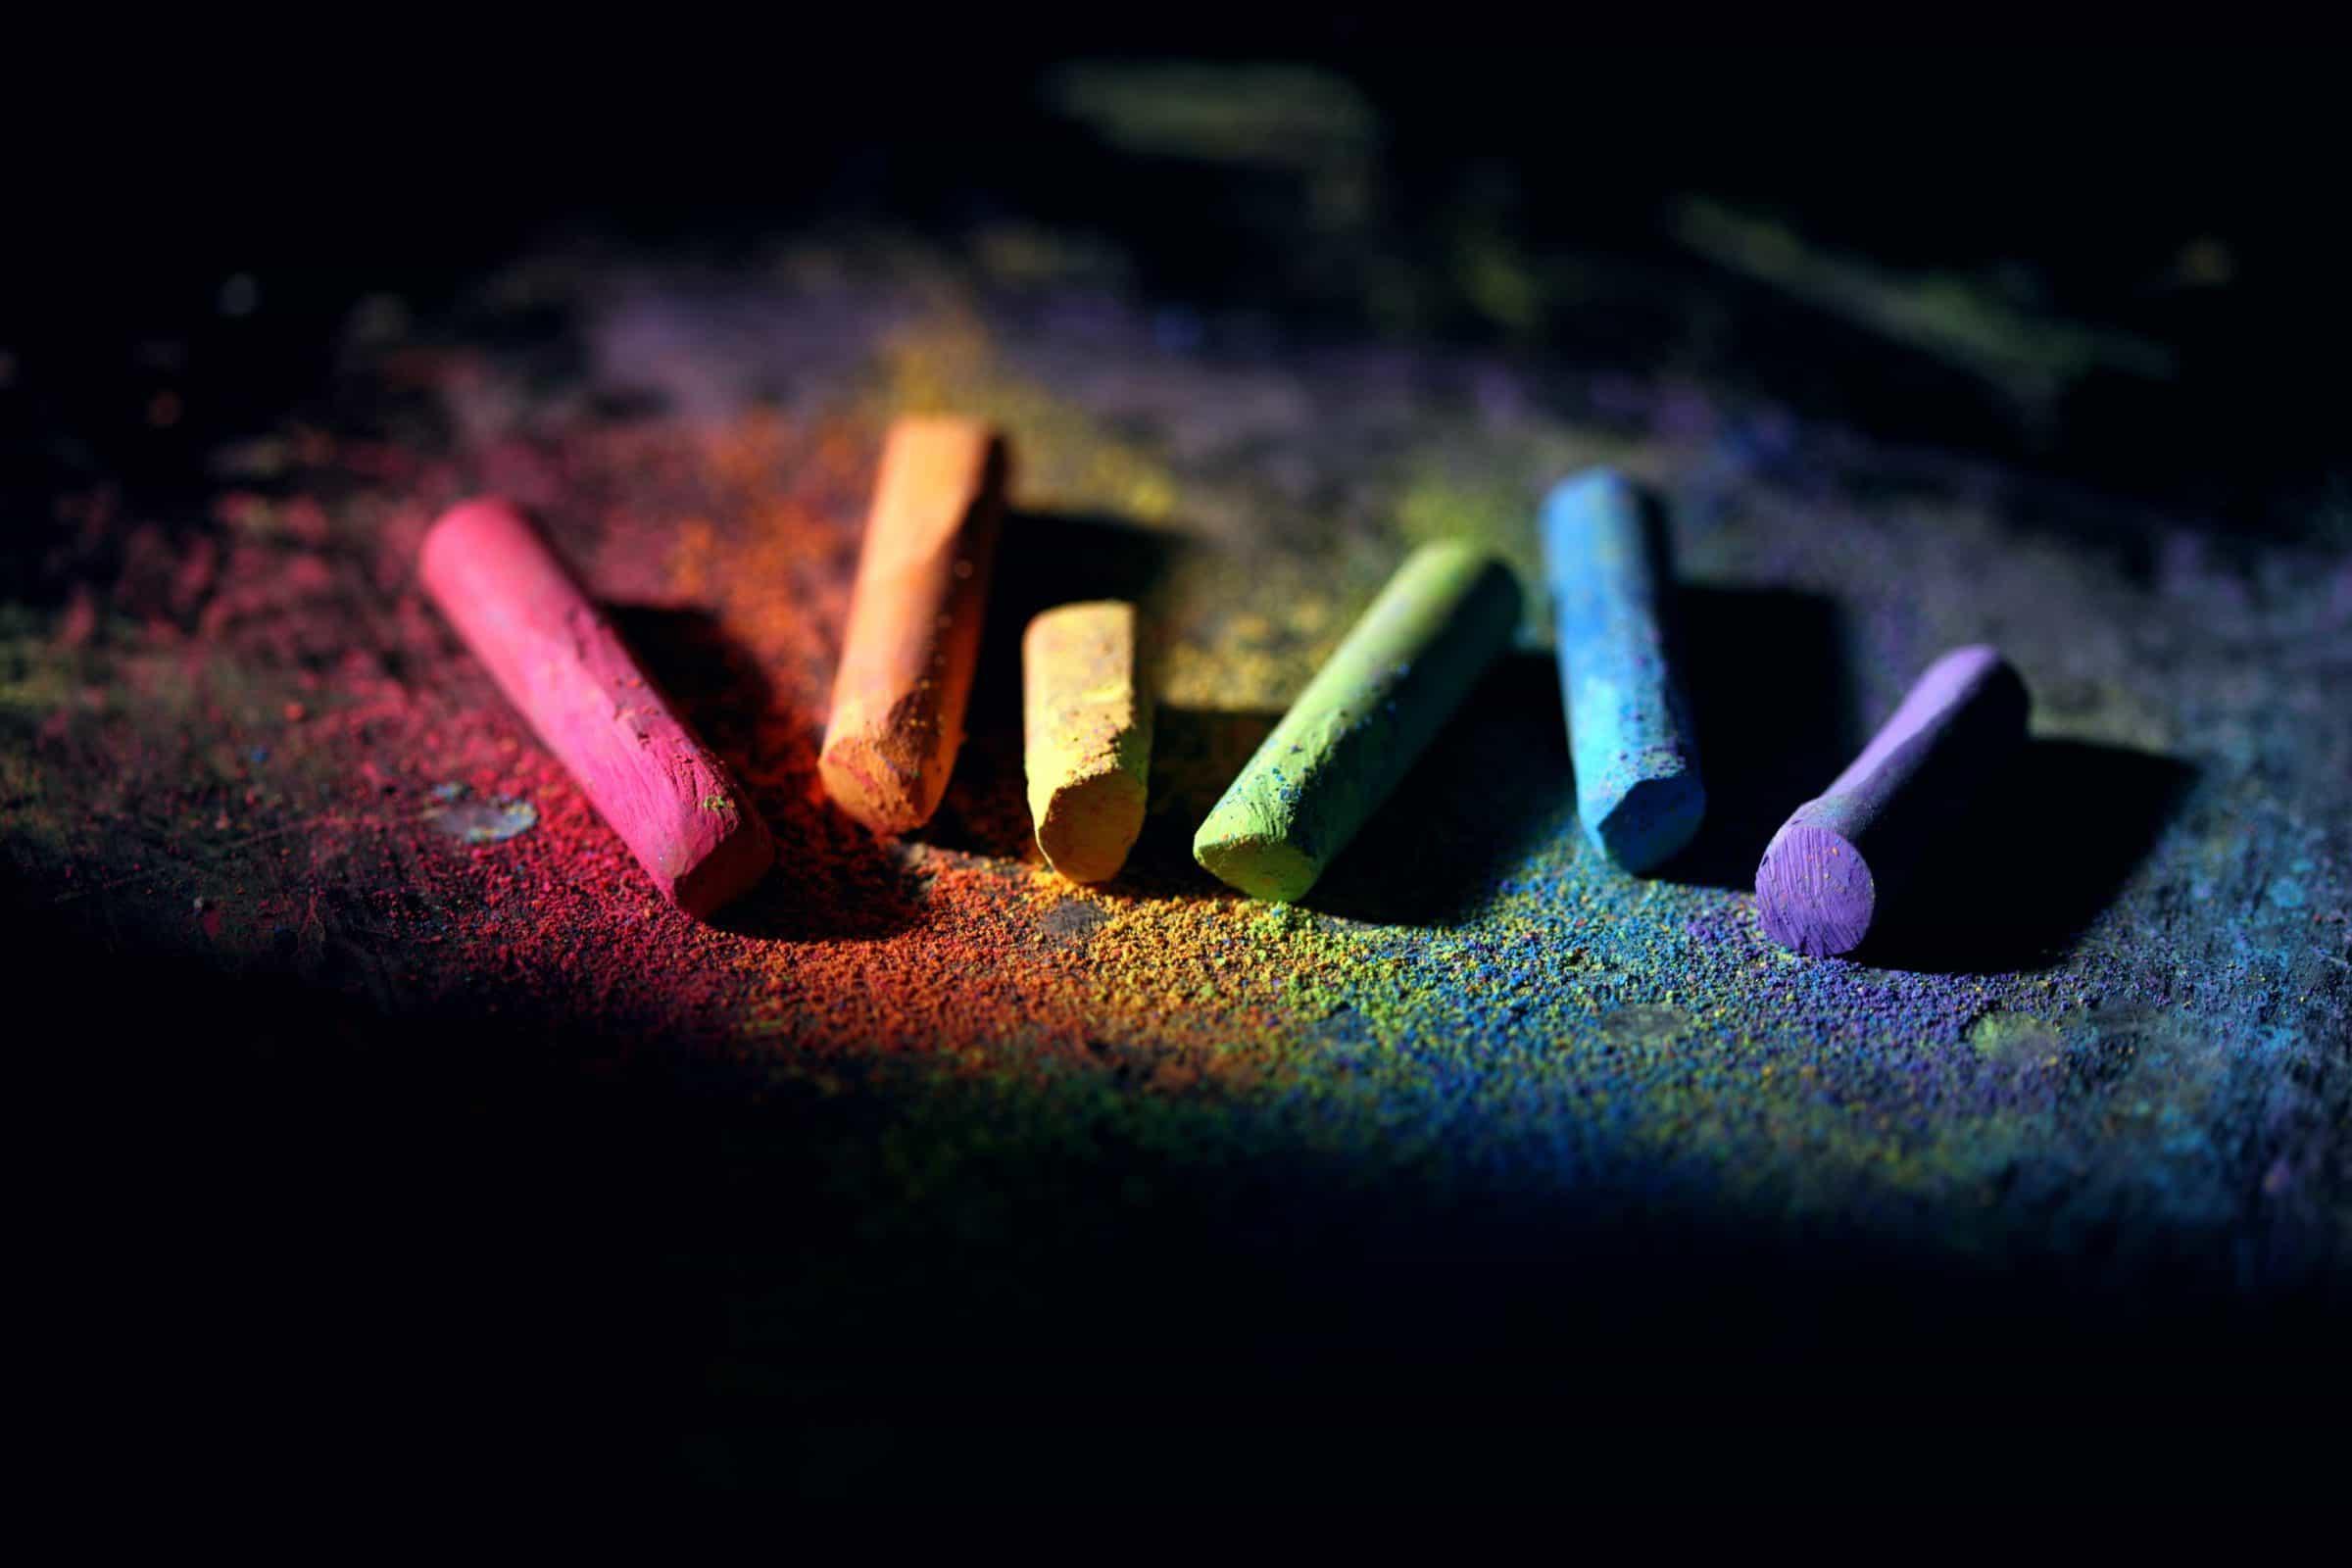 színes kréták